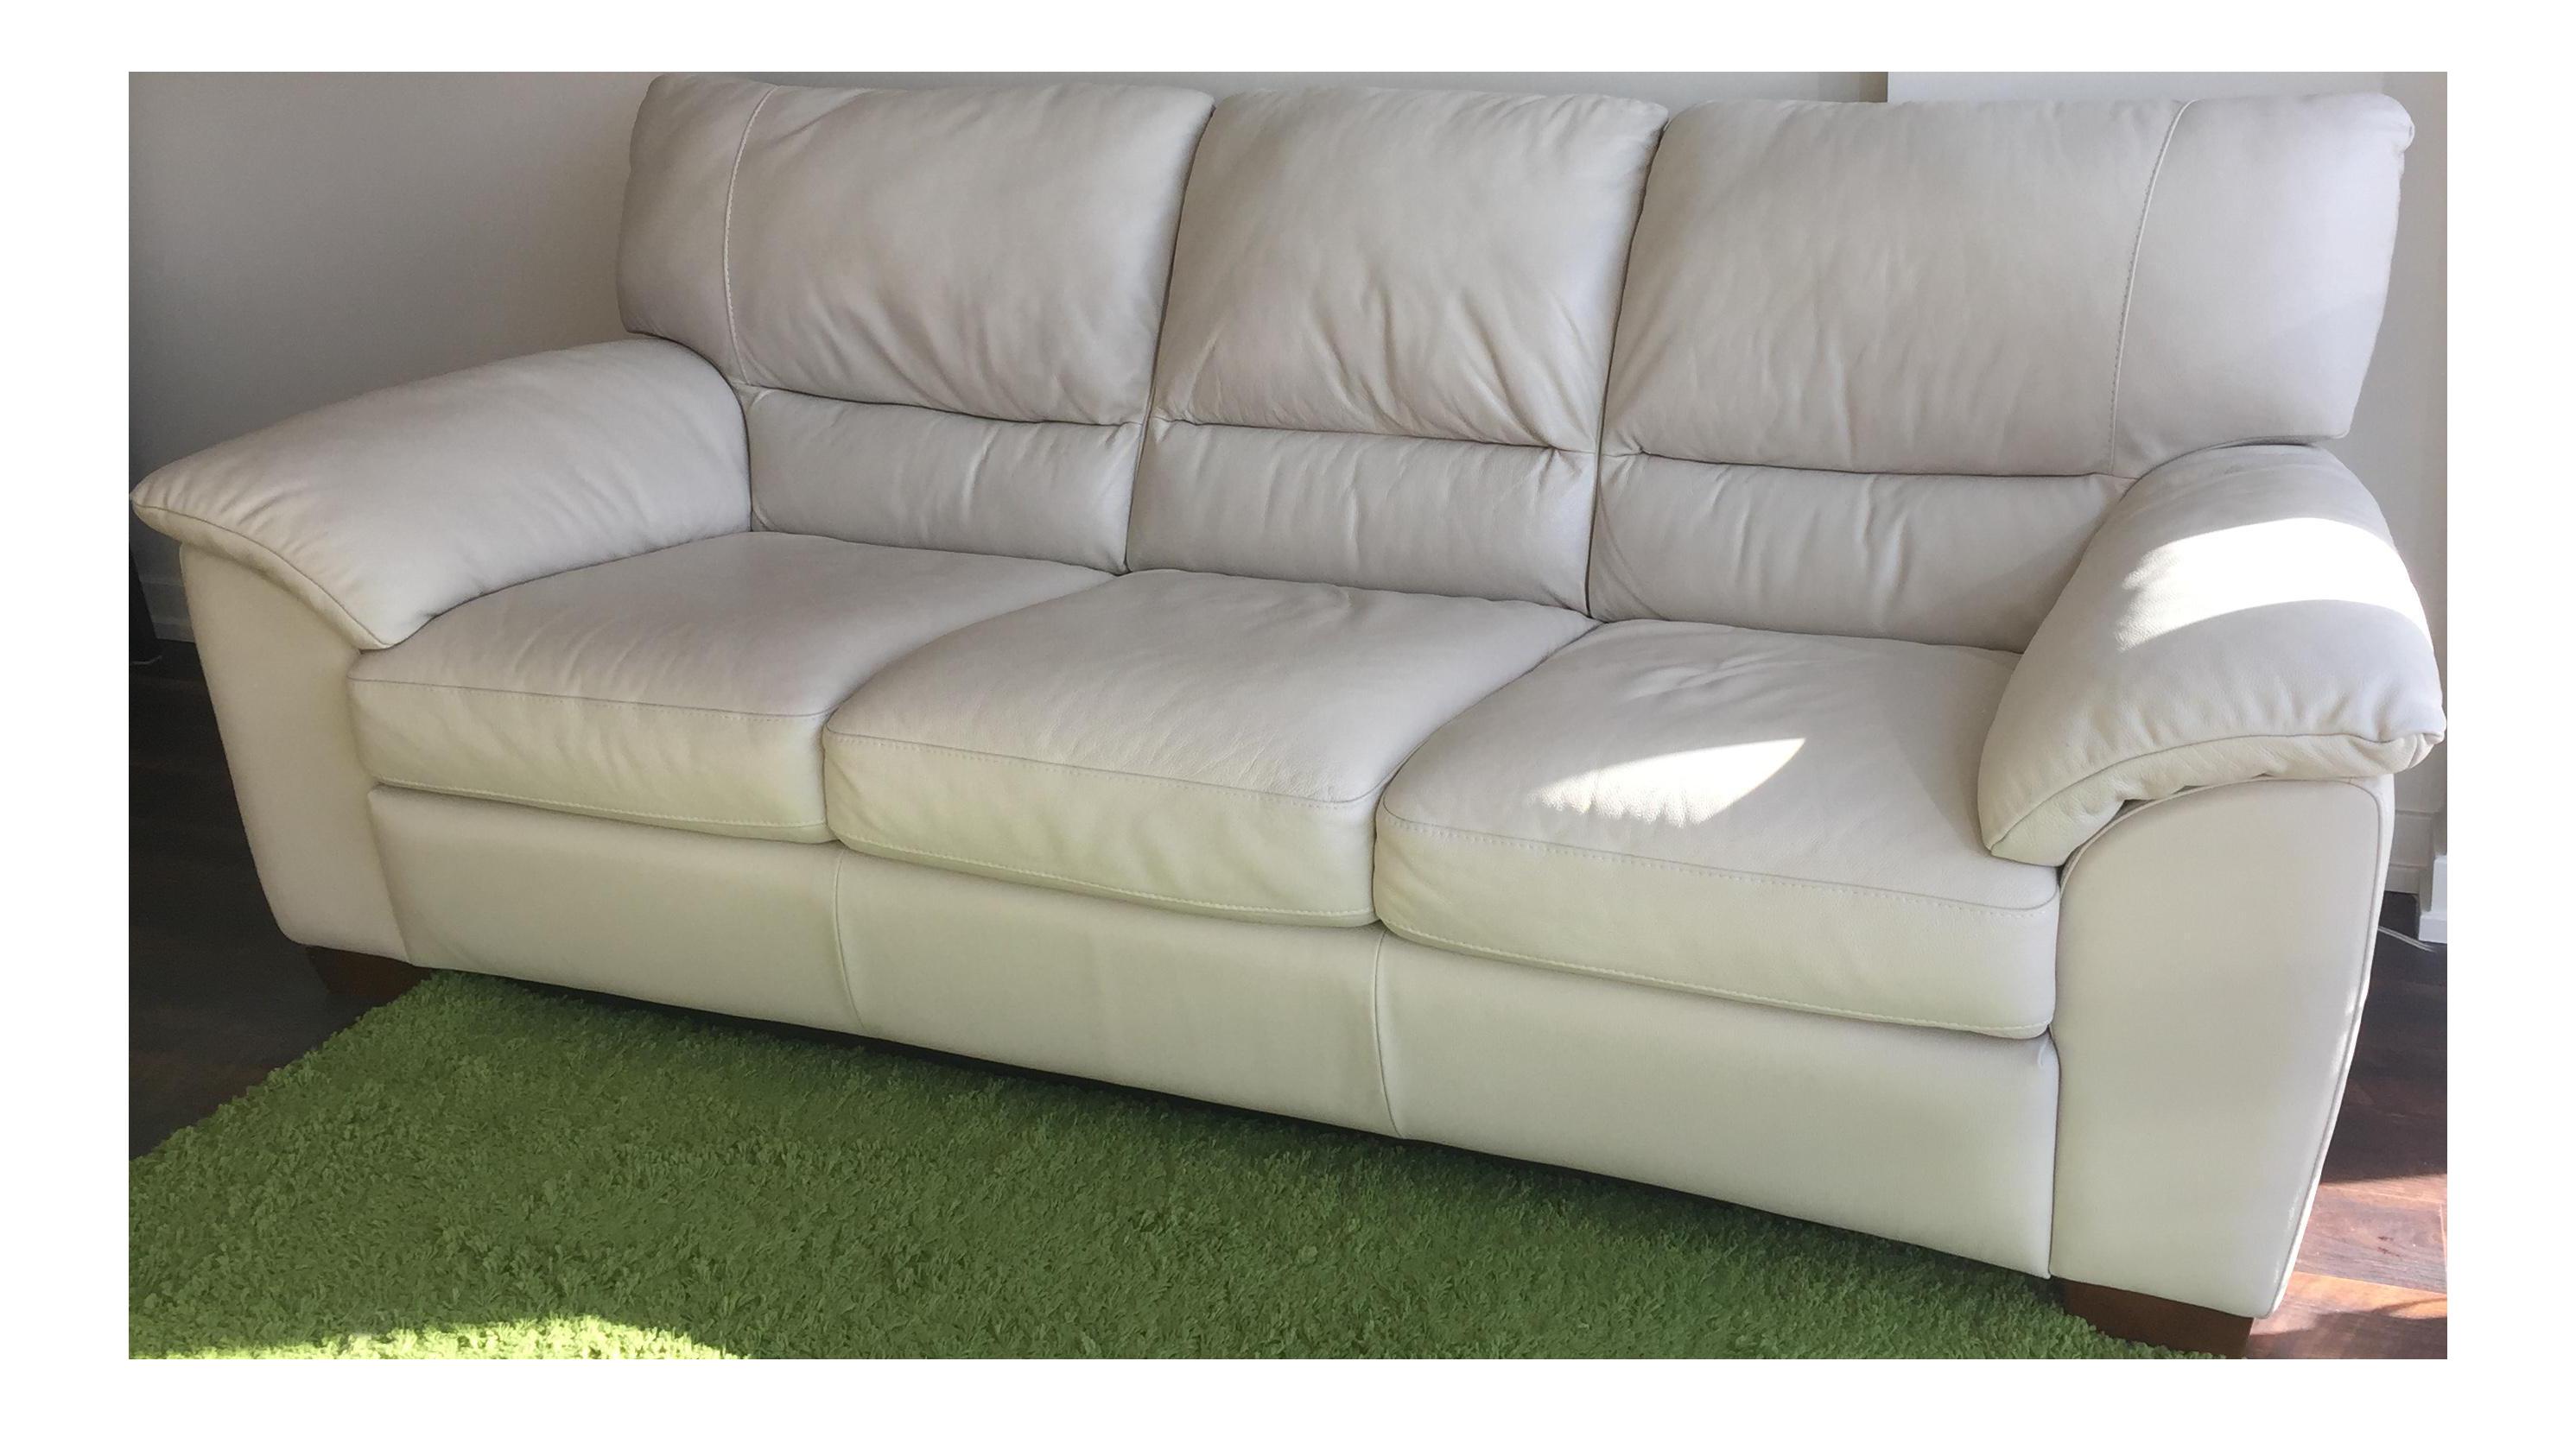 Natuzzi Edition Donato 3 Seater Leather Sofa